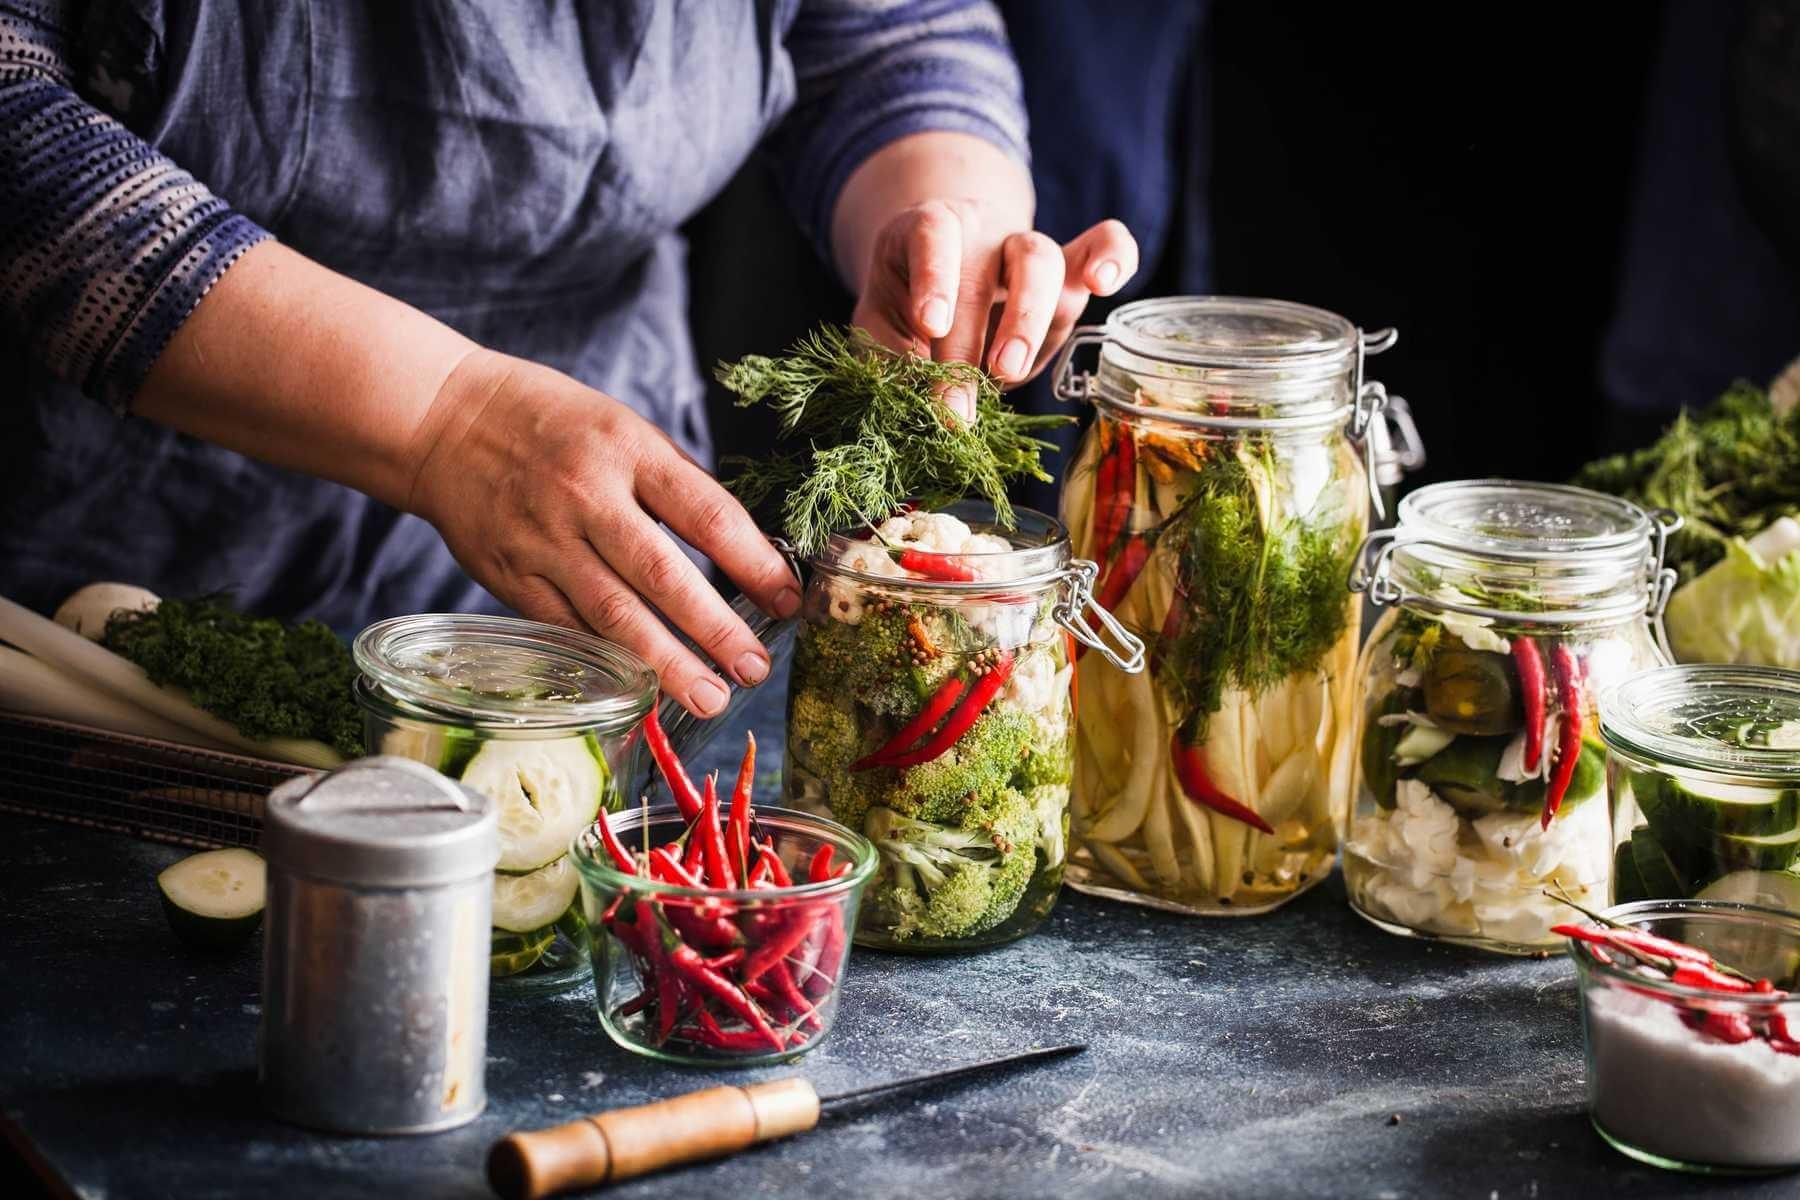 Những lưu ý cần thiết khi sử dụng các hóa chất bảo quản thực phẩm